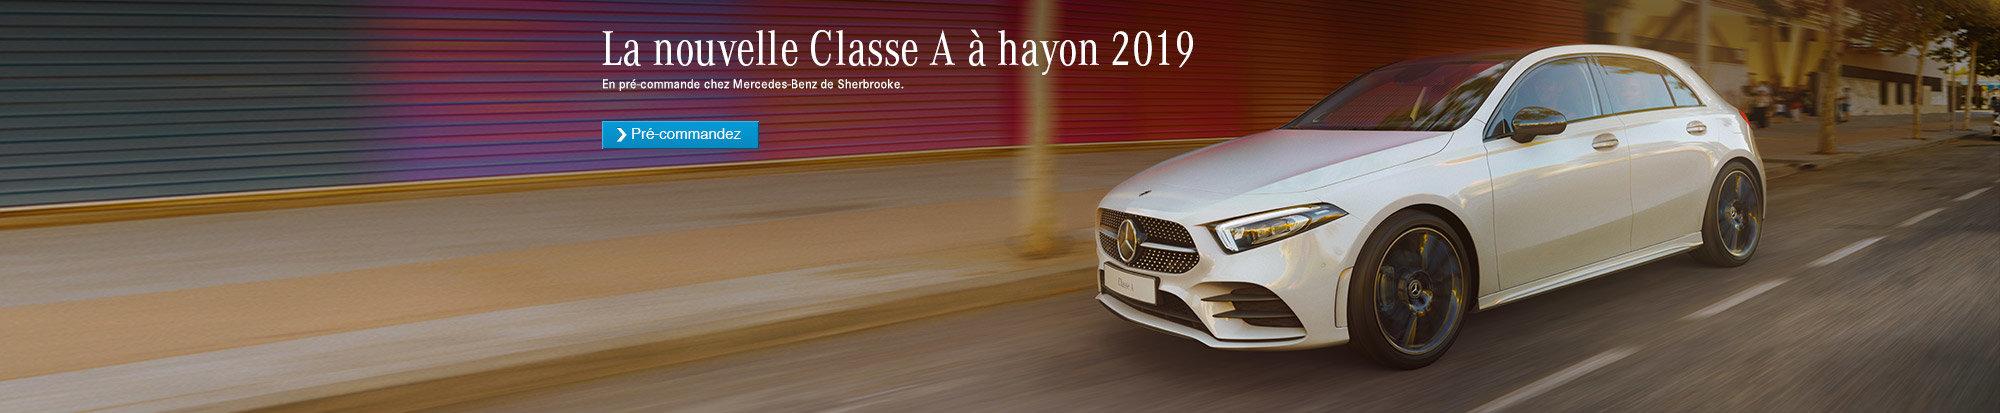 La nouvelle Mercedes-Benz de classe A 2019 à hayon.